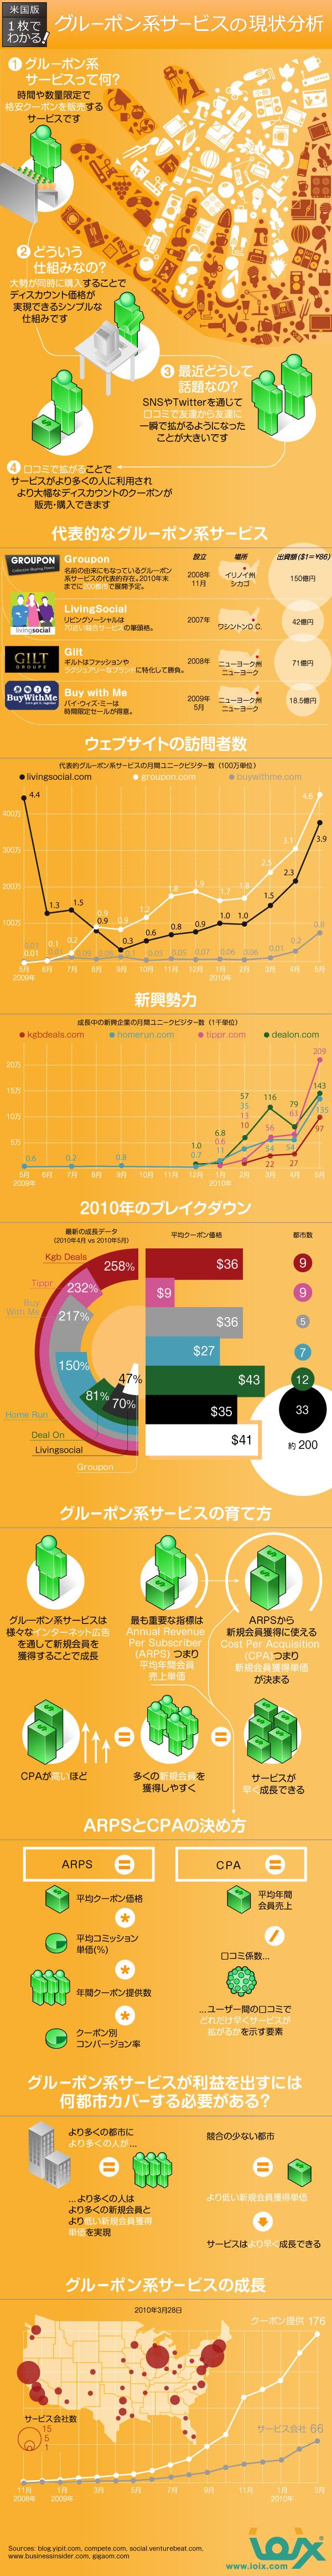 インフォグラフィックス:一枚の絵でわかる!グル―ポン系サービスの現状